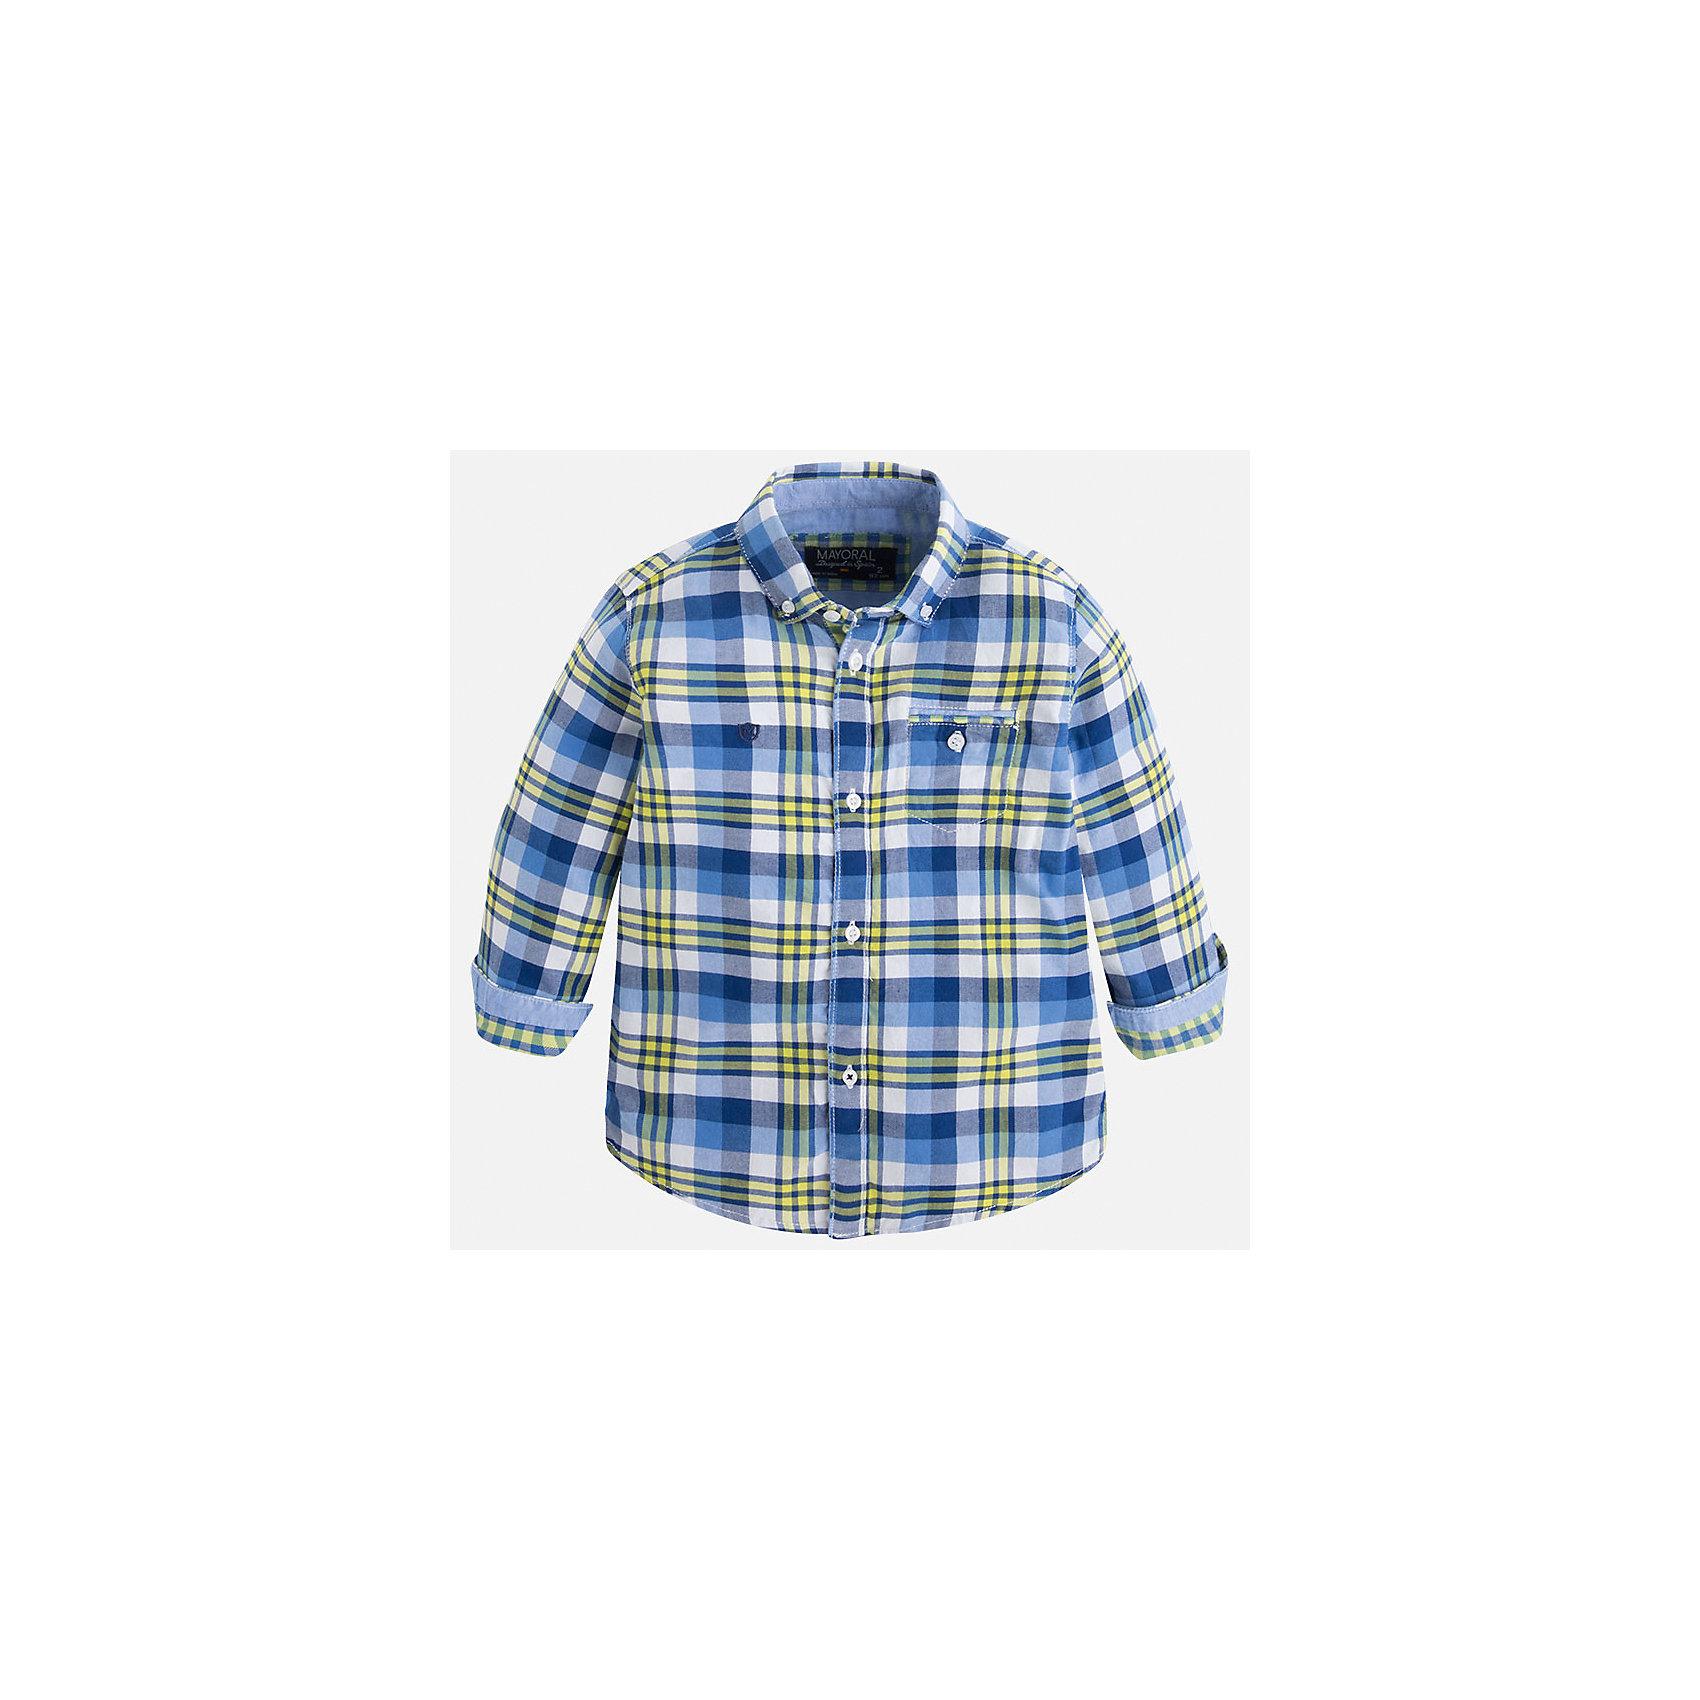 Рубашка для мальчика MayoralРубашка для мальчика Mayoral (Майорал) – это стильная, модная и практичная модель.<br>Рубашка в клетку с длинными рукавами от известной испанской марки Mayoral (Майорал) выполненная из натурального хлопка, станет прекрасным дополнением гардероба вашего мальчика. Рубашка застегивается на пуговицы, на груди имеется кармашек на пуговице, декорирована небольшой монограммой на груди и голубой бейкой на манжетах. Уголки воротника пристегиваются на пуговицы к ткани рубашки. Рубашка для повседневной носки будет отлично сочетаться с джинсами. Комфортный крой гарантирует свободу движений.<br><br>Дополнительная информация:<br><br>- Цвет: синий, голубой, белый, желтый<br>- Состав: 100% хлопок<br>- Уход: бережная стирка при 30 градусах<br><br>Рубашку для мальчика Mayoral (Майорал) можно купить в нашем интернет-магазине.<br><br>Ширина мм: 174<br>Глубина мм: 10<br>Высота мм: 169<br>Вес г: 157<br>Цвет: желтый<br>Возраст от месяцев: 108<br>Возраст до месяцев: 120<br>Пол: Мужской<br>Возраст: Детский<br>Размер: 134,104,122,128,116,110,98<br>SKU: 4821126